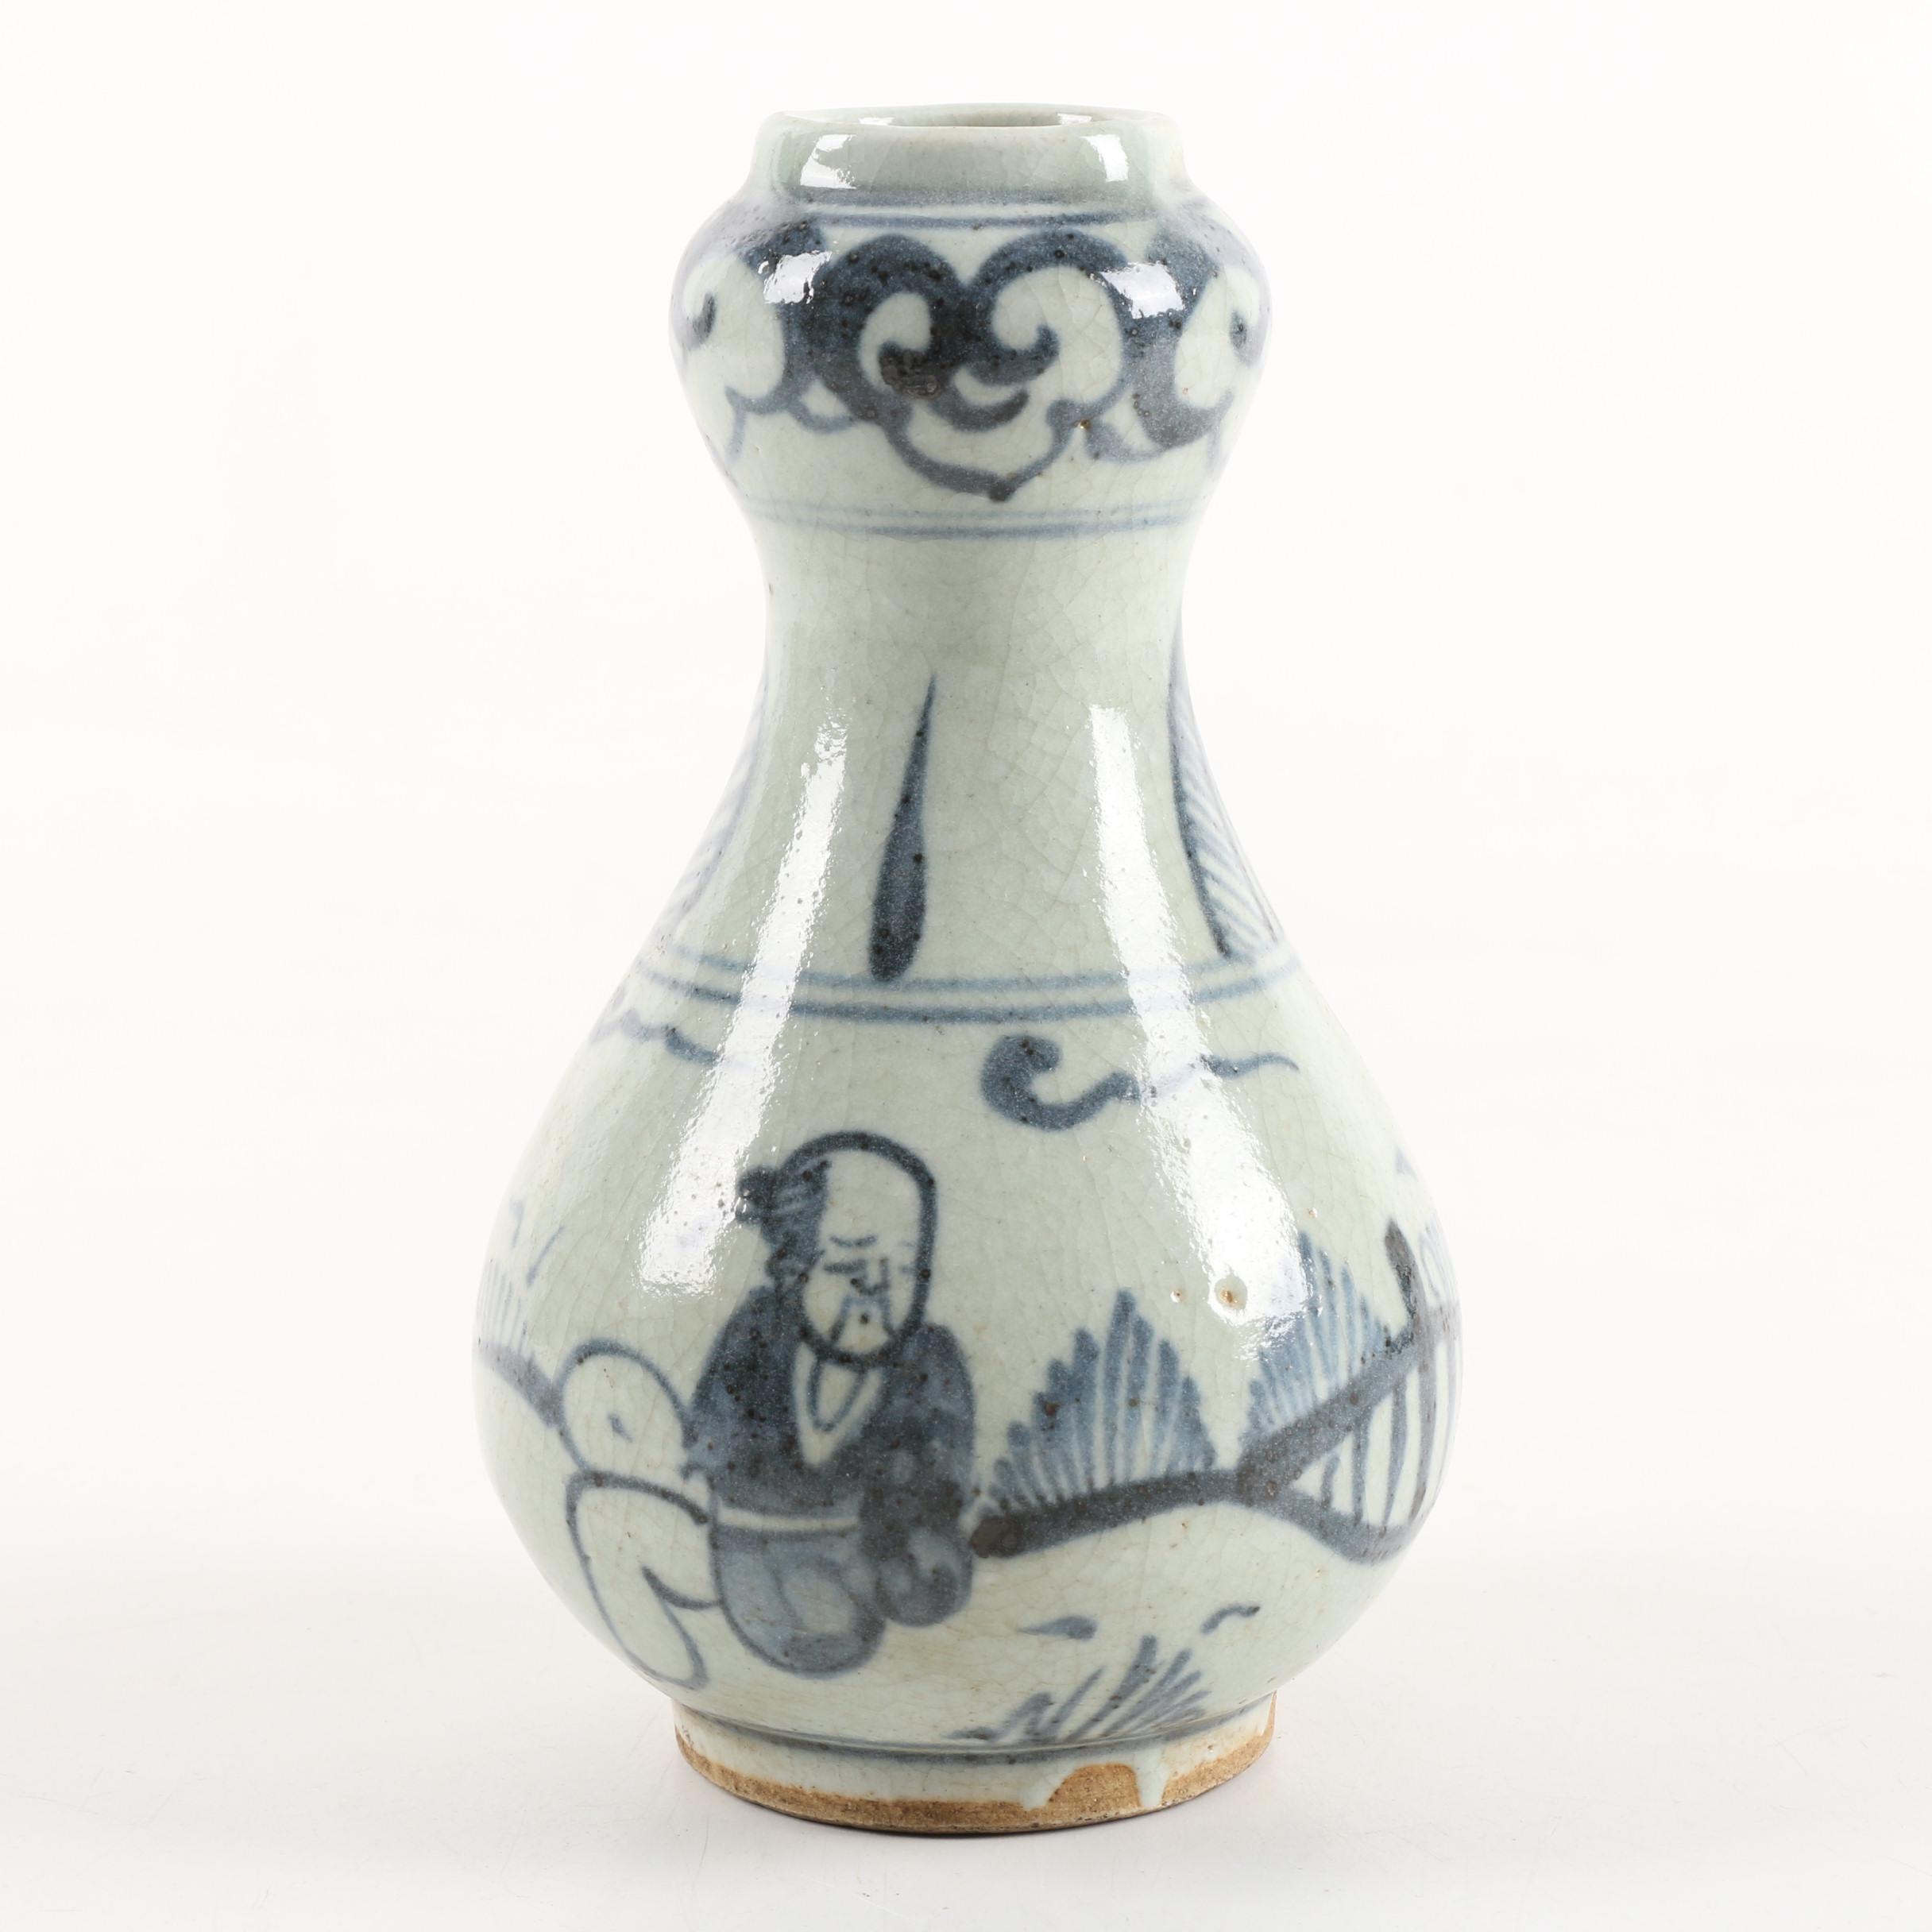 Chinese Hand-Painted Ceramic Bud Vase